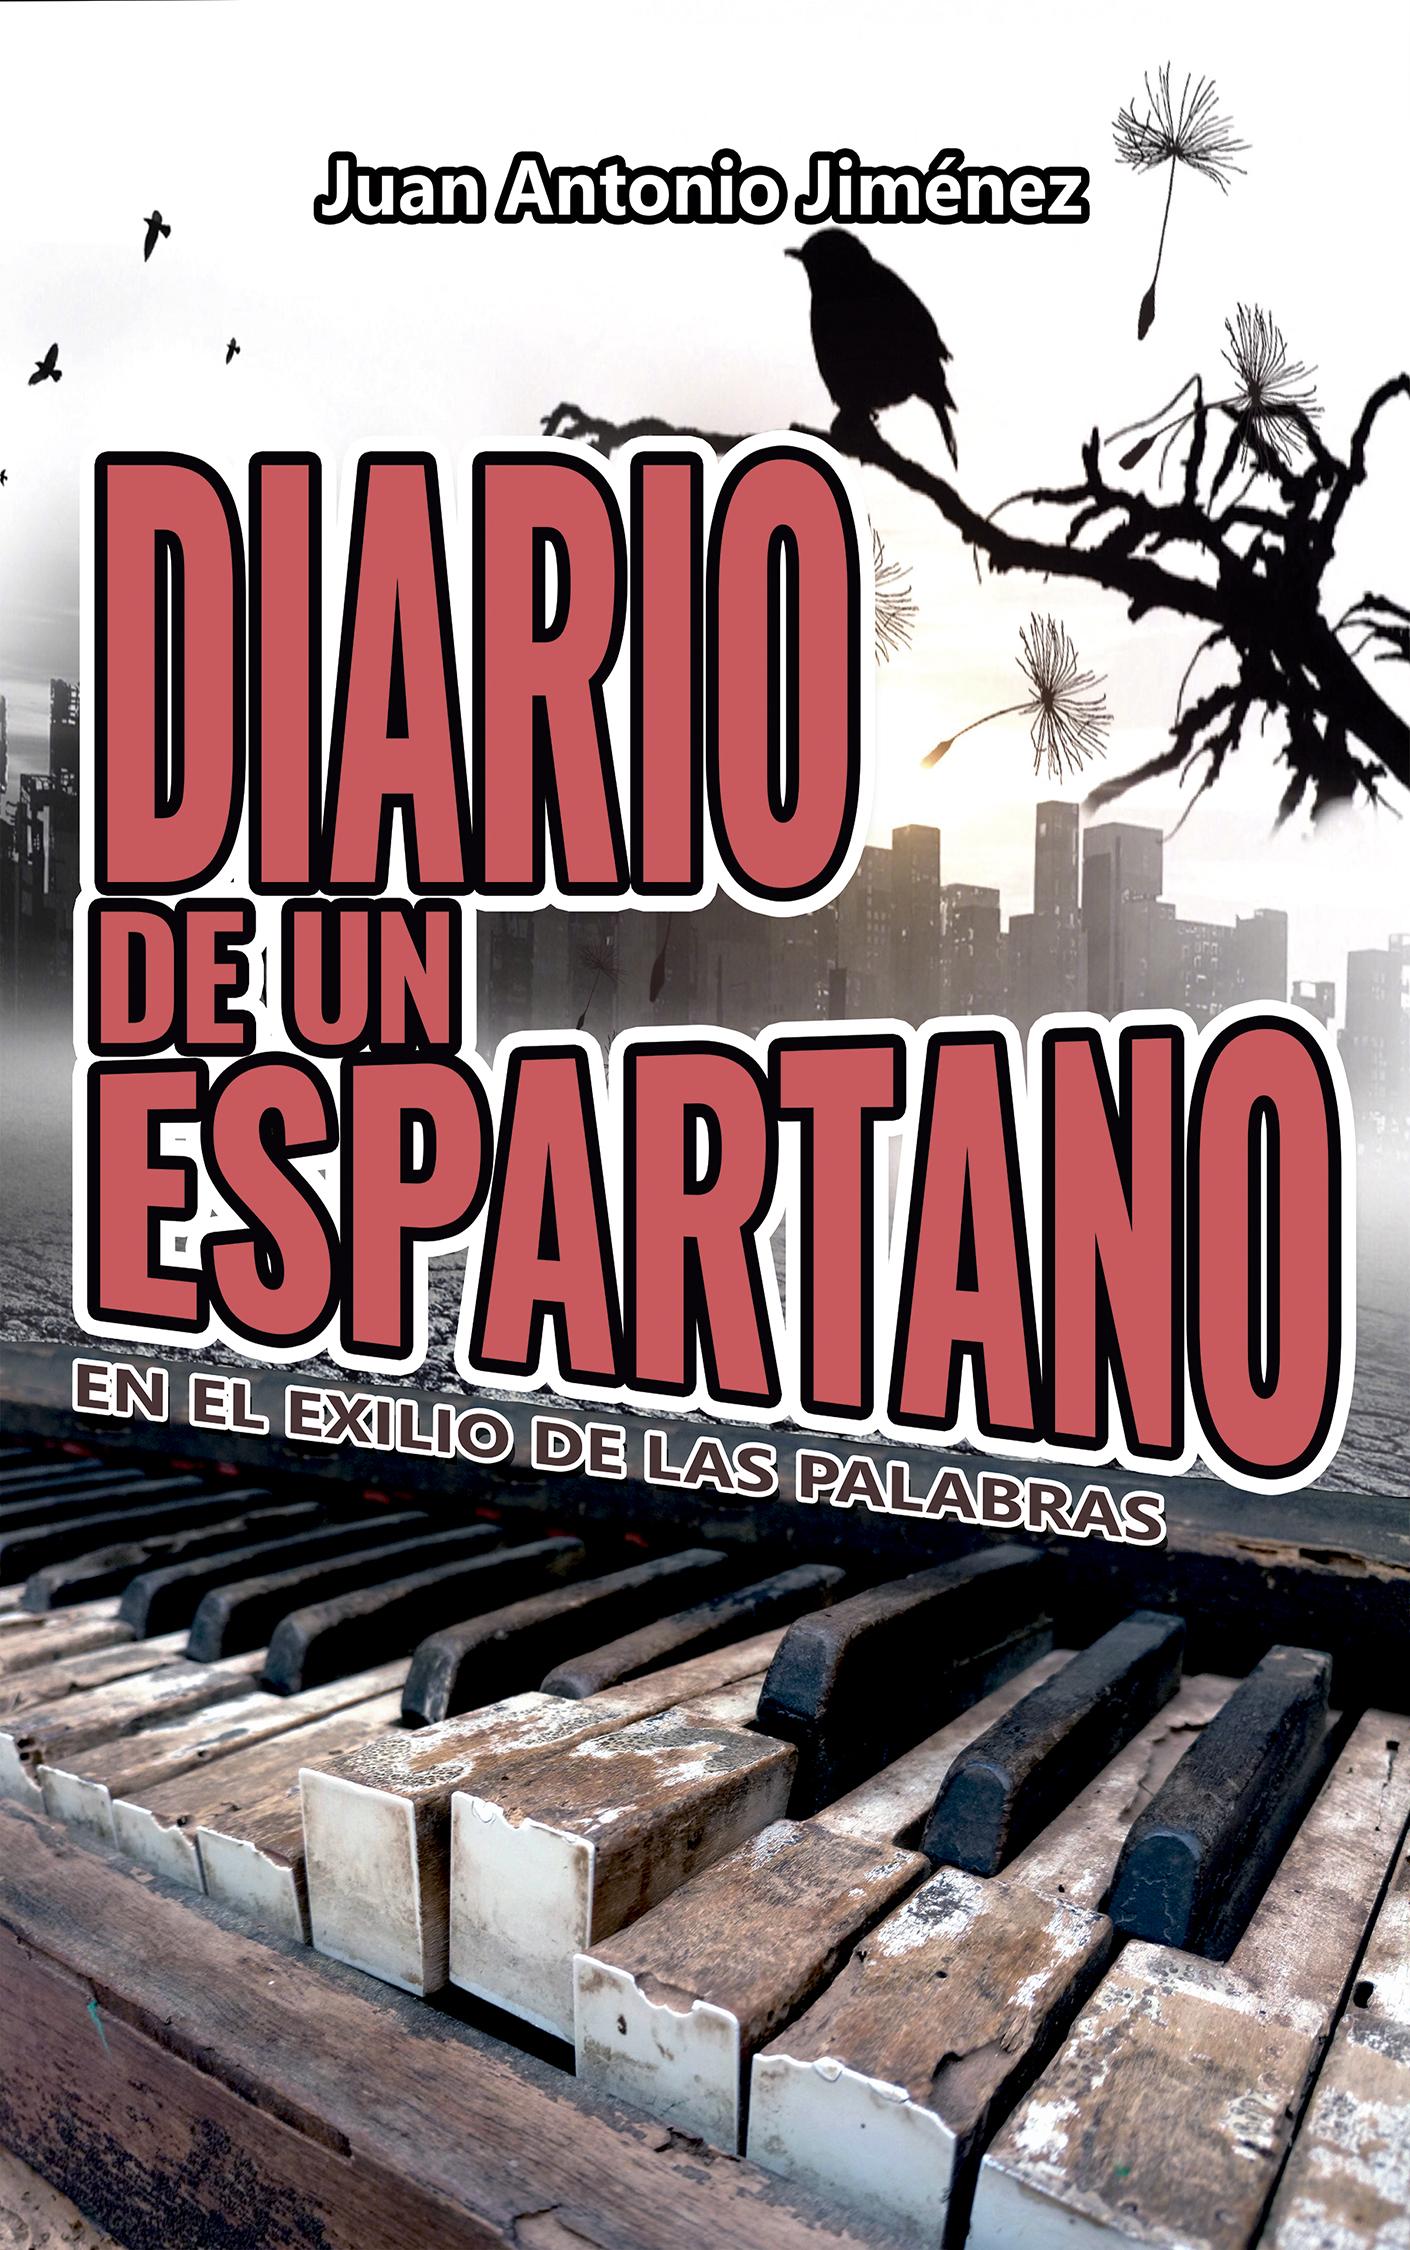 Portada EBook Diario de un espartano JUAN ANTONIO JIMÉNEZ DE LA CRUZ